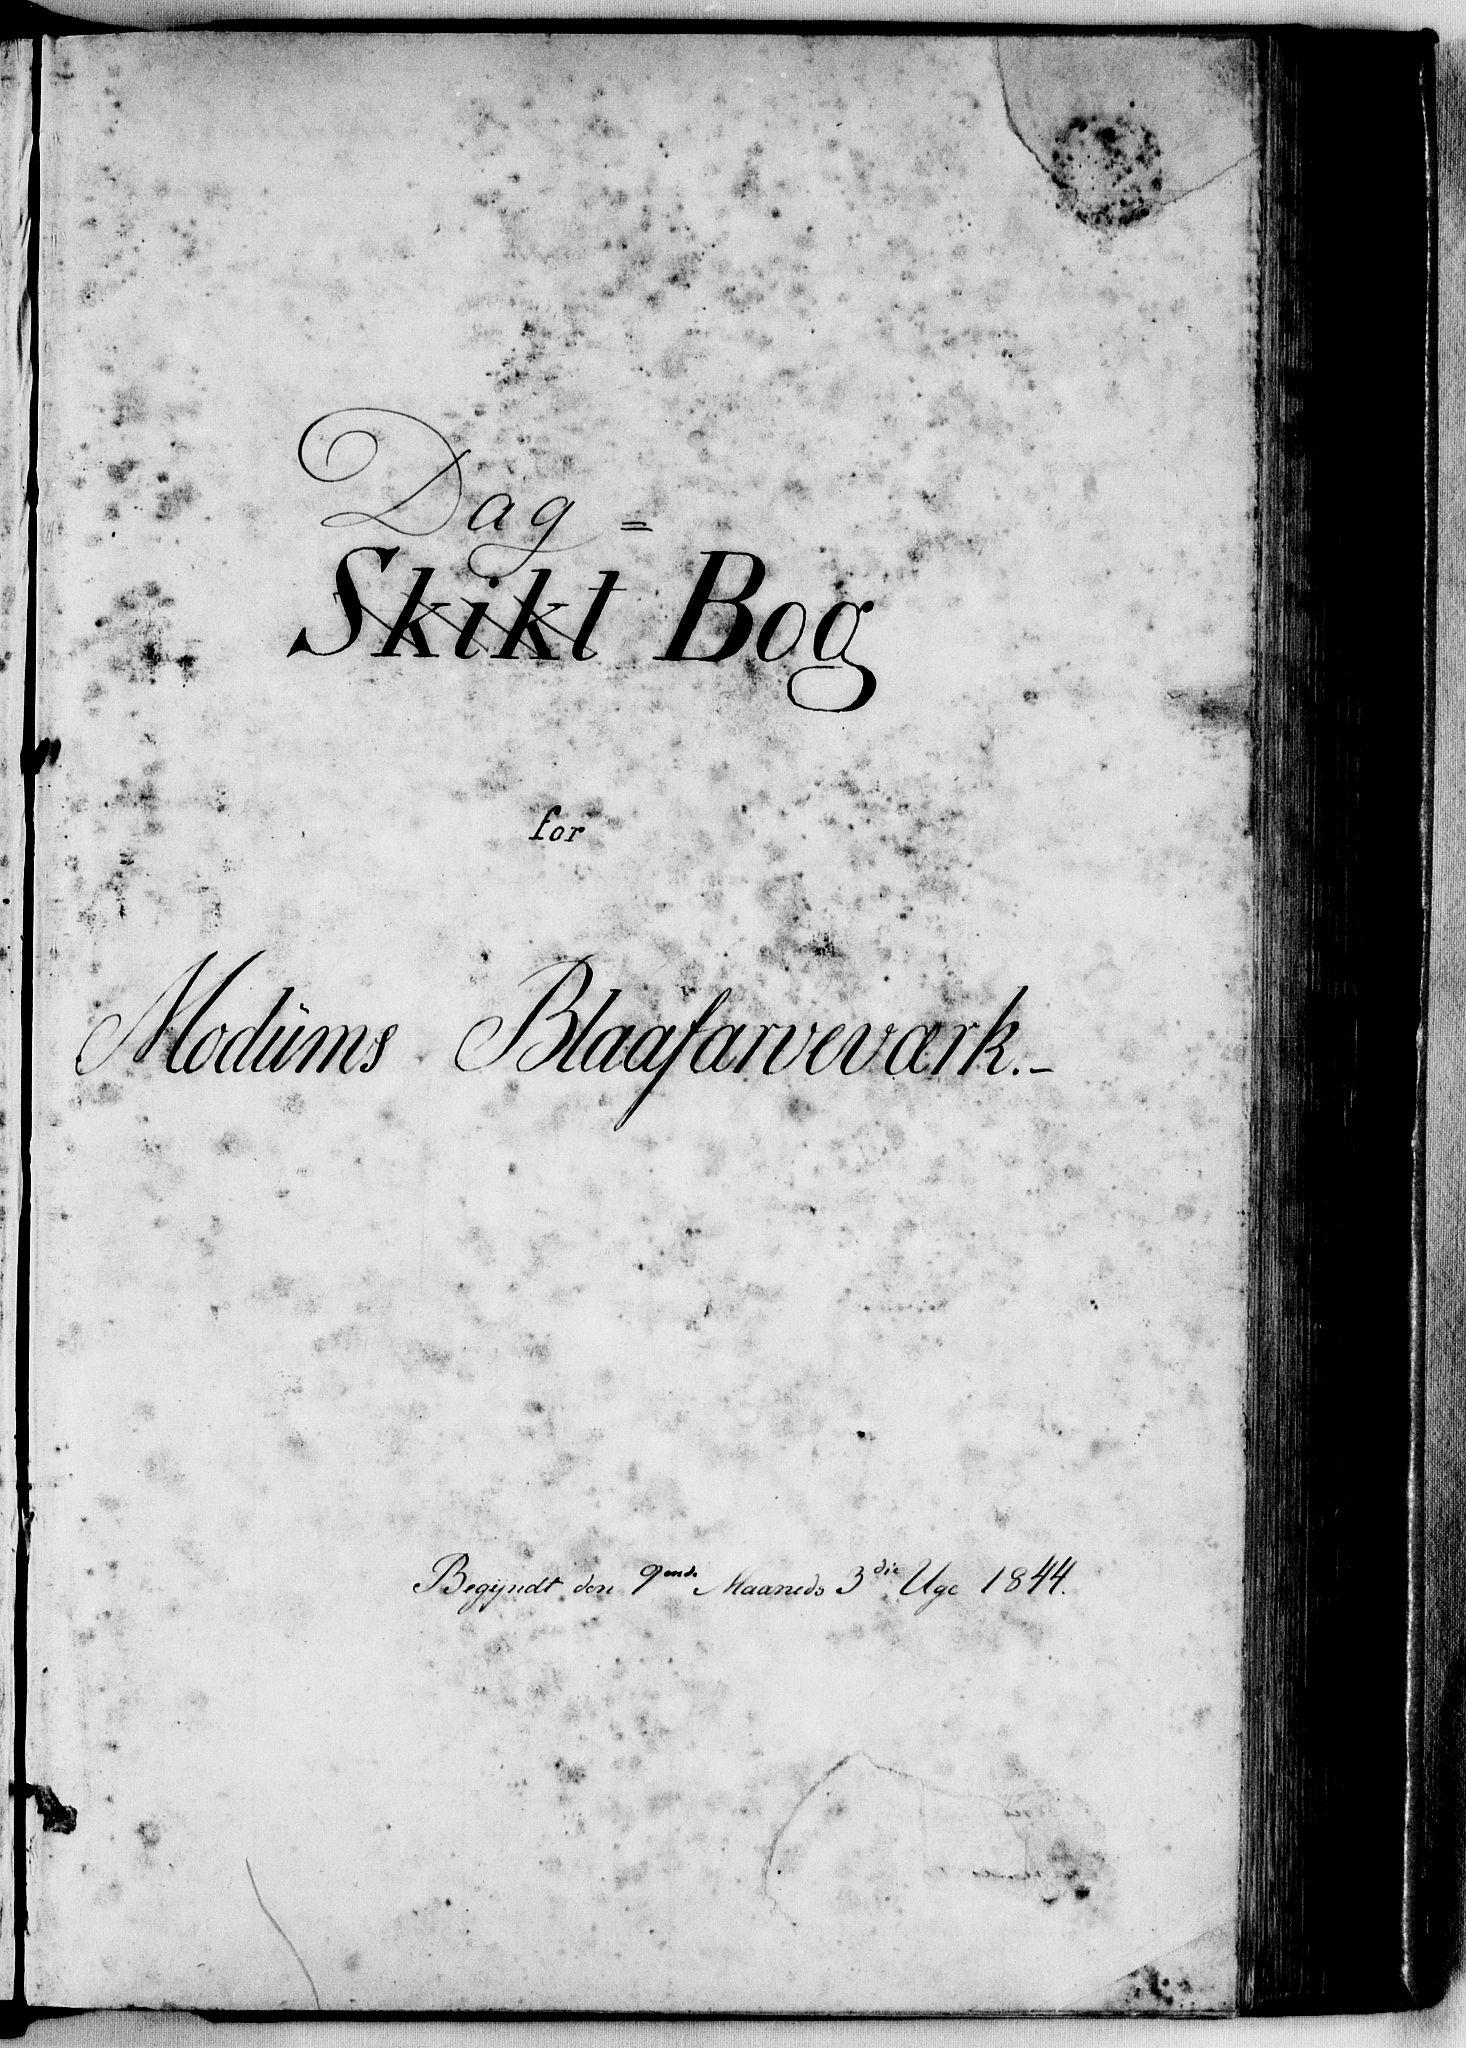 RA, Modums Blaafarveværk, G/Ge/L0310, 1844-1846, s. 2